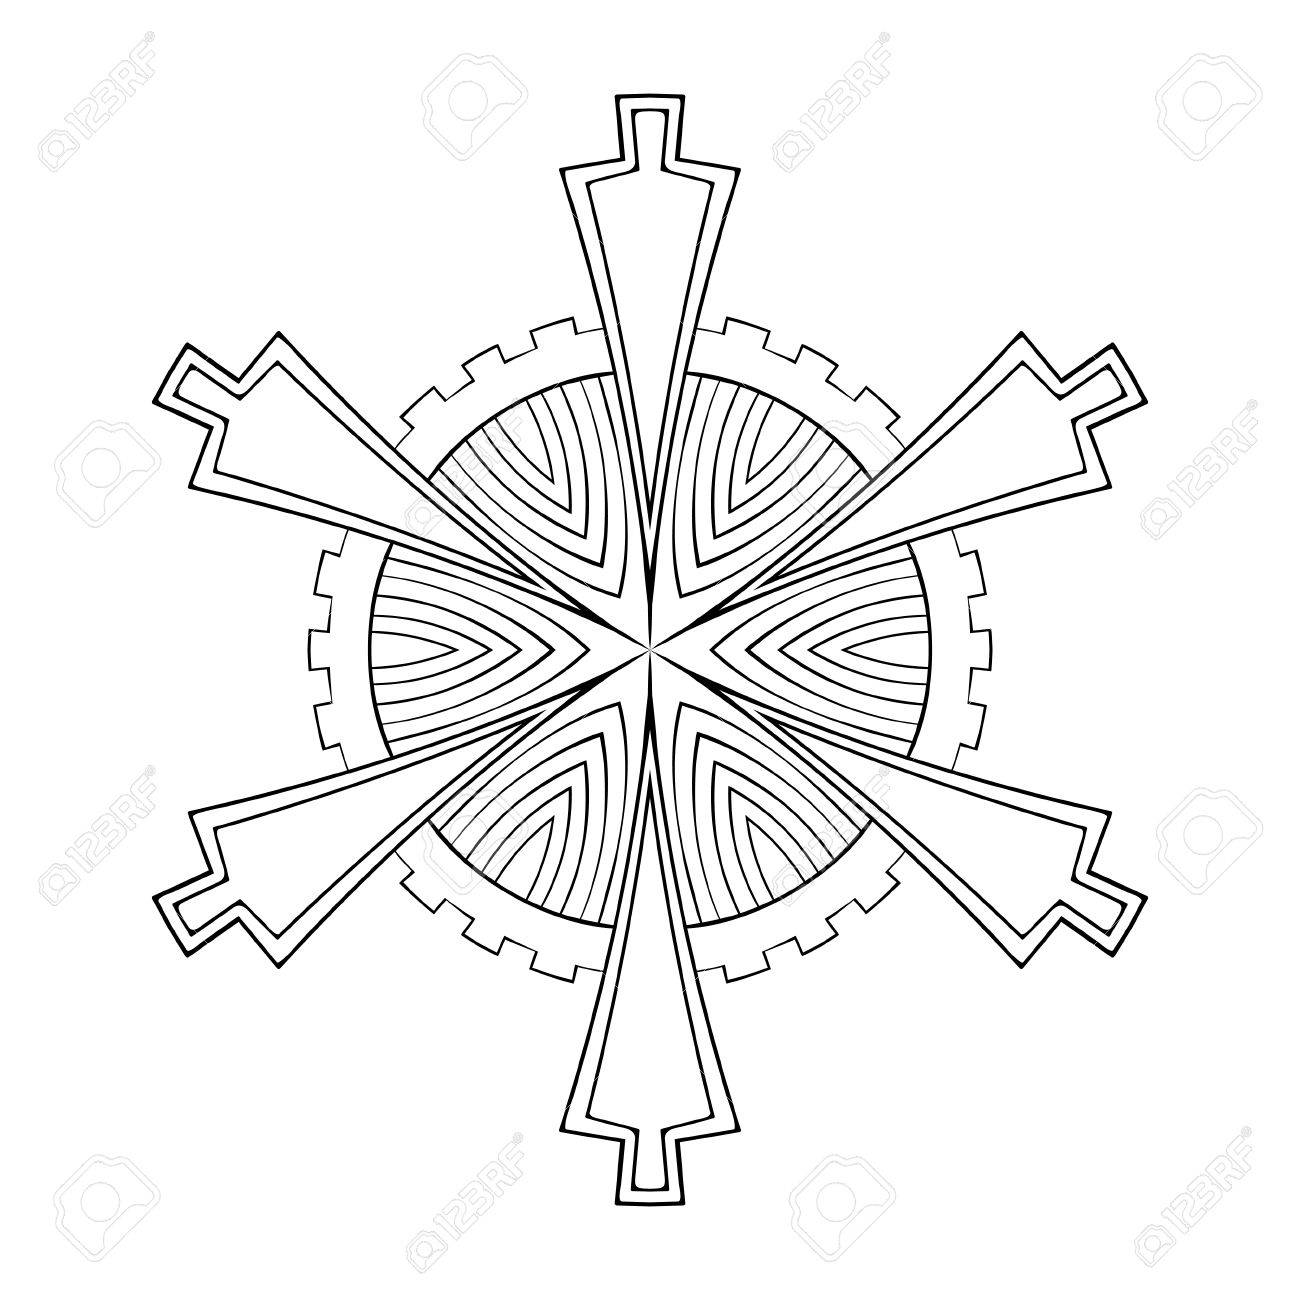 Papel De Vector De Copos De Nieve Recorte En Estilo Geométrico ...